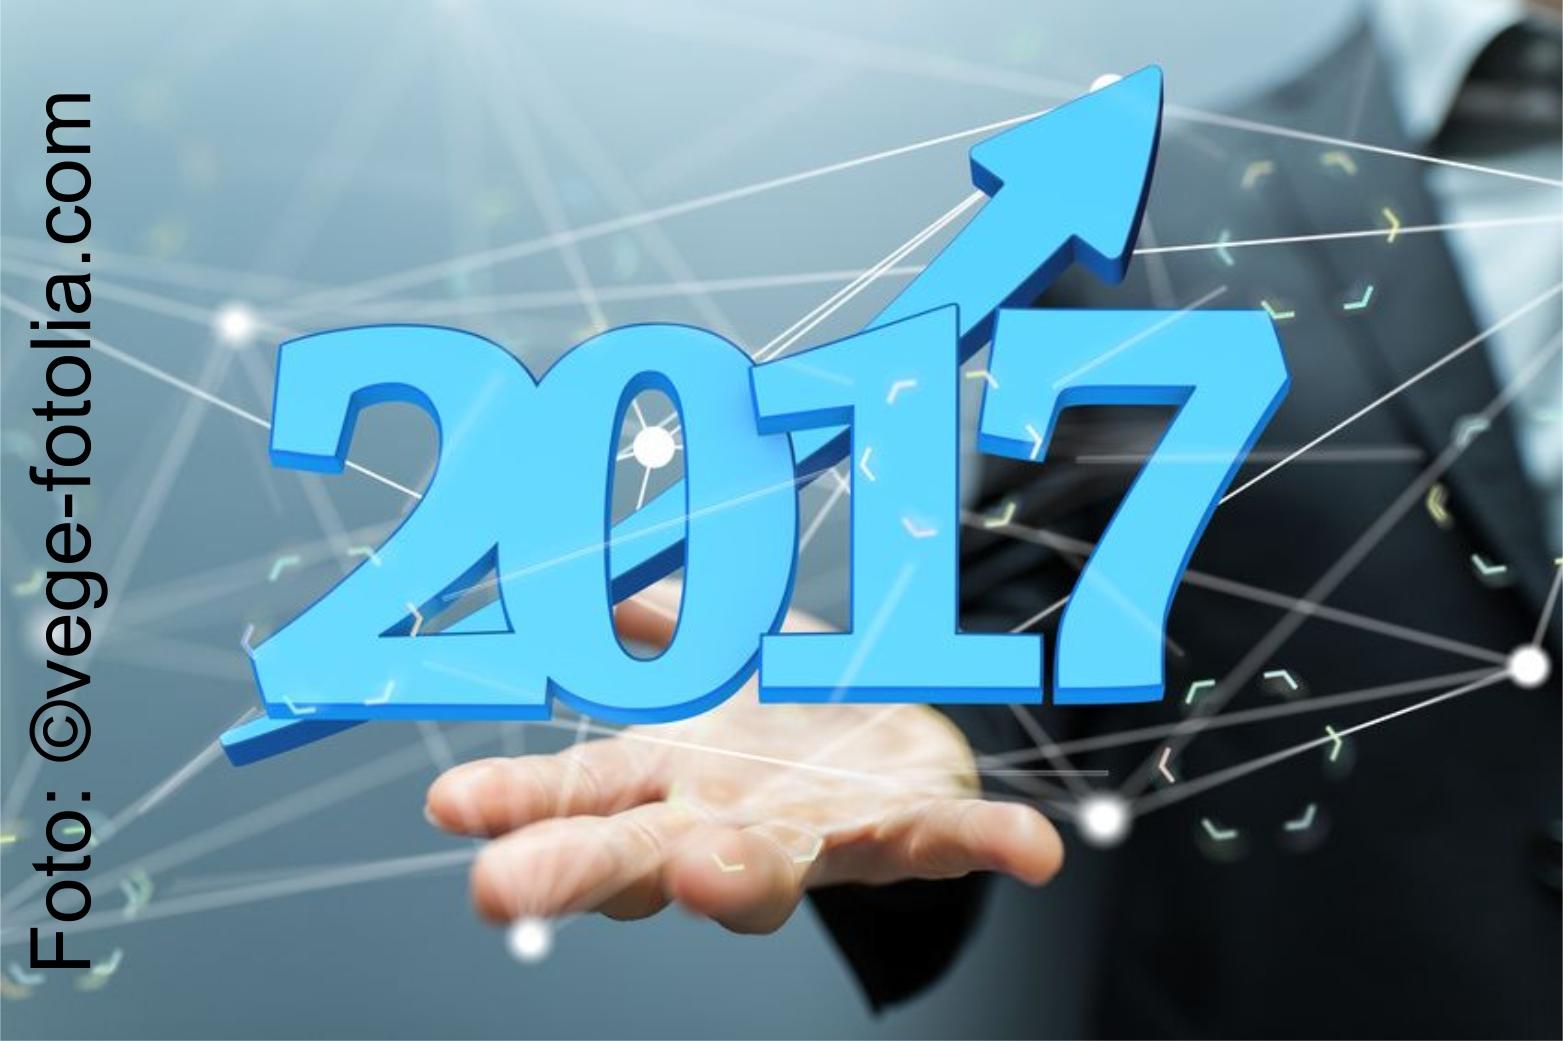 Karrierejahr 2017: Gute Vorsätze im Job erfolgreich umsetzen